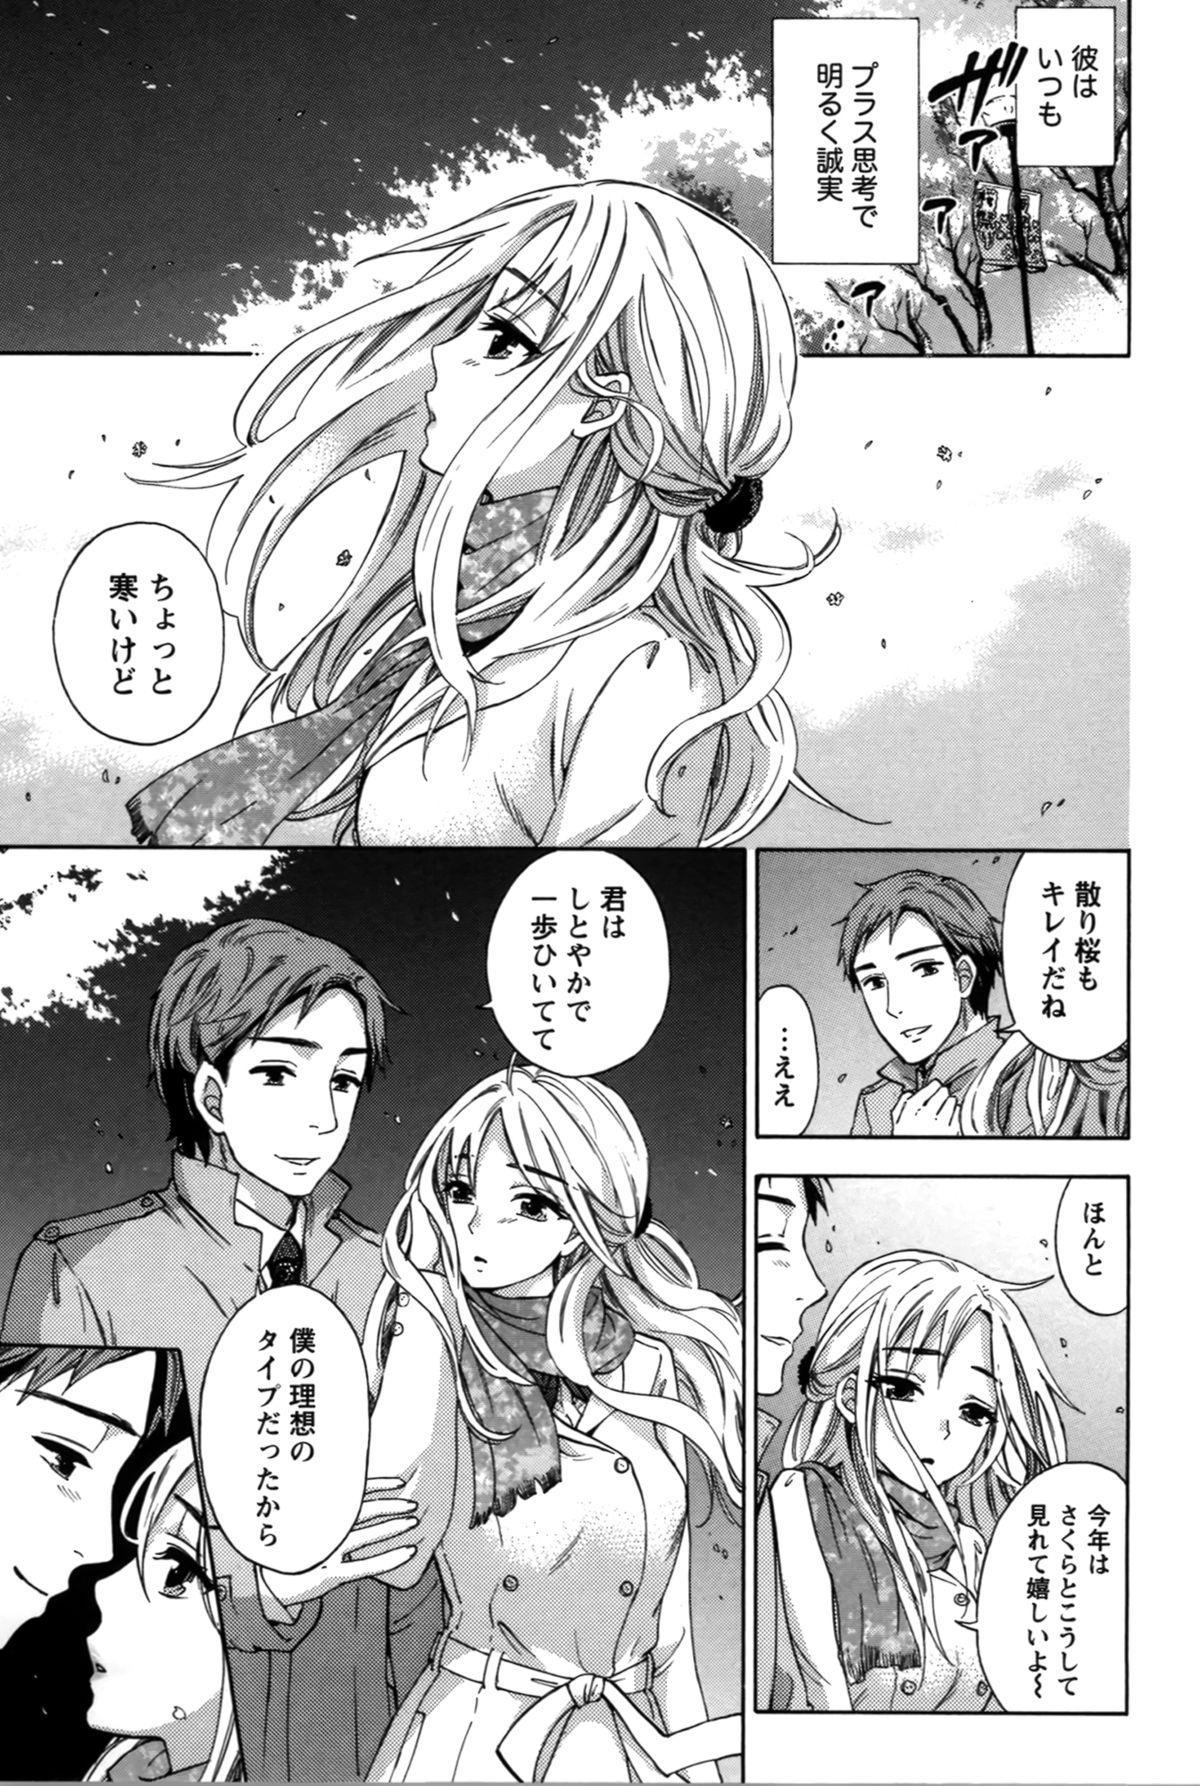 Anata to Watashi wa Warukunai 30